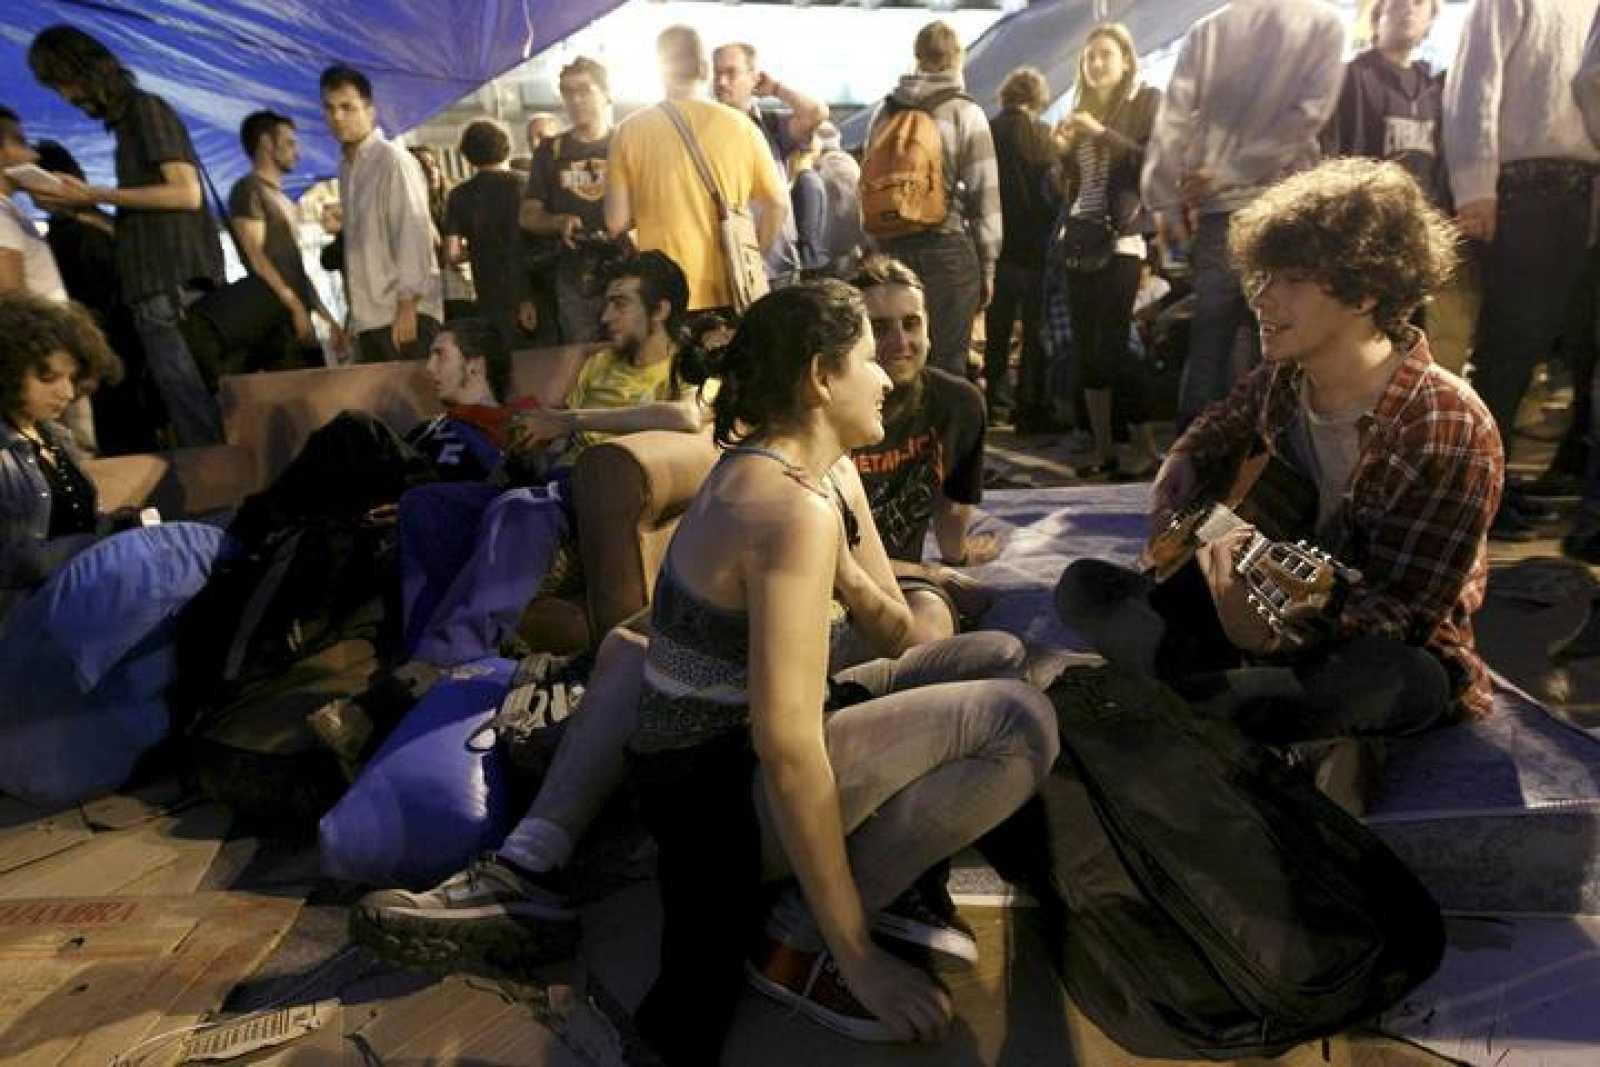 MILES DE CONCENTRADOS EN LA PUERTA DEL SOL, CON AMPLIA PRESENCIA POLICIAL